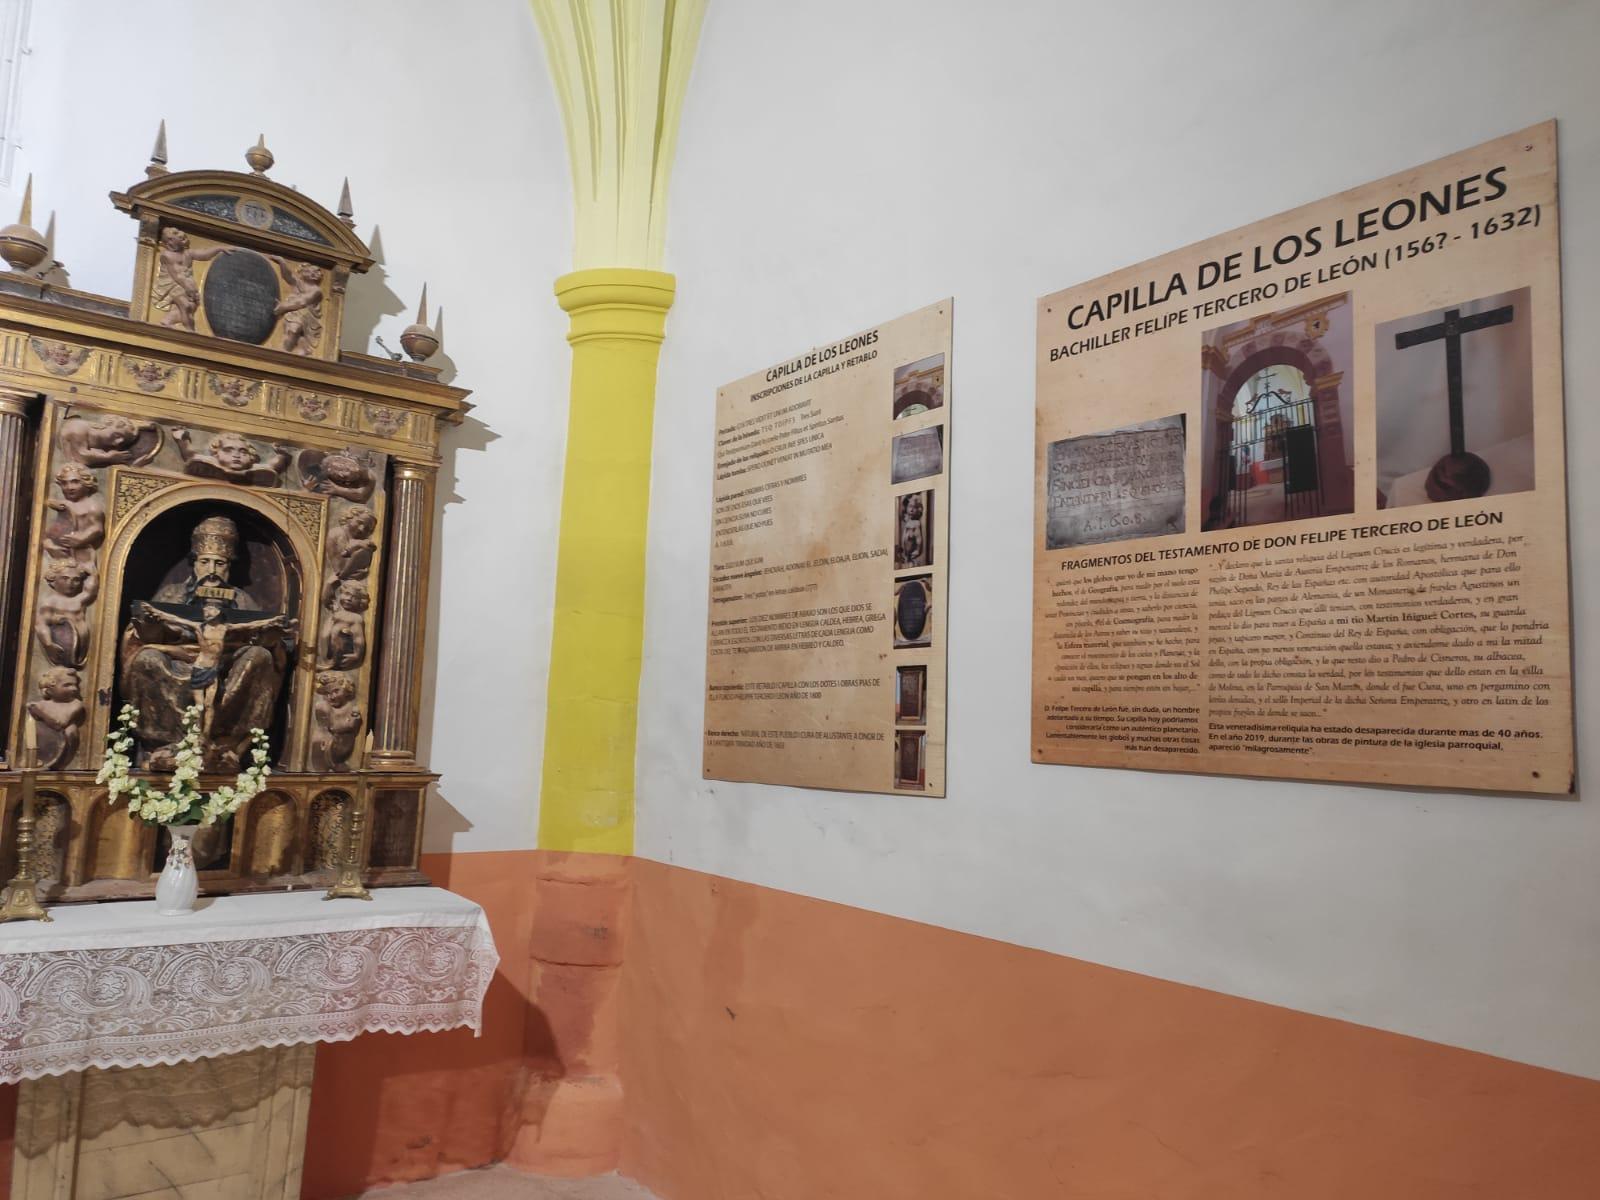 Señalizada la Capilla de los Leones de la iglesia